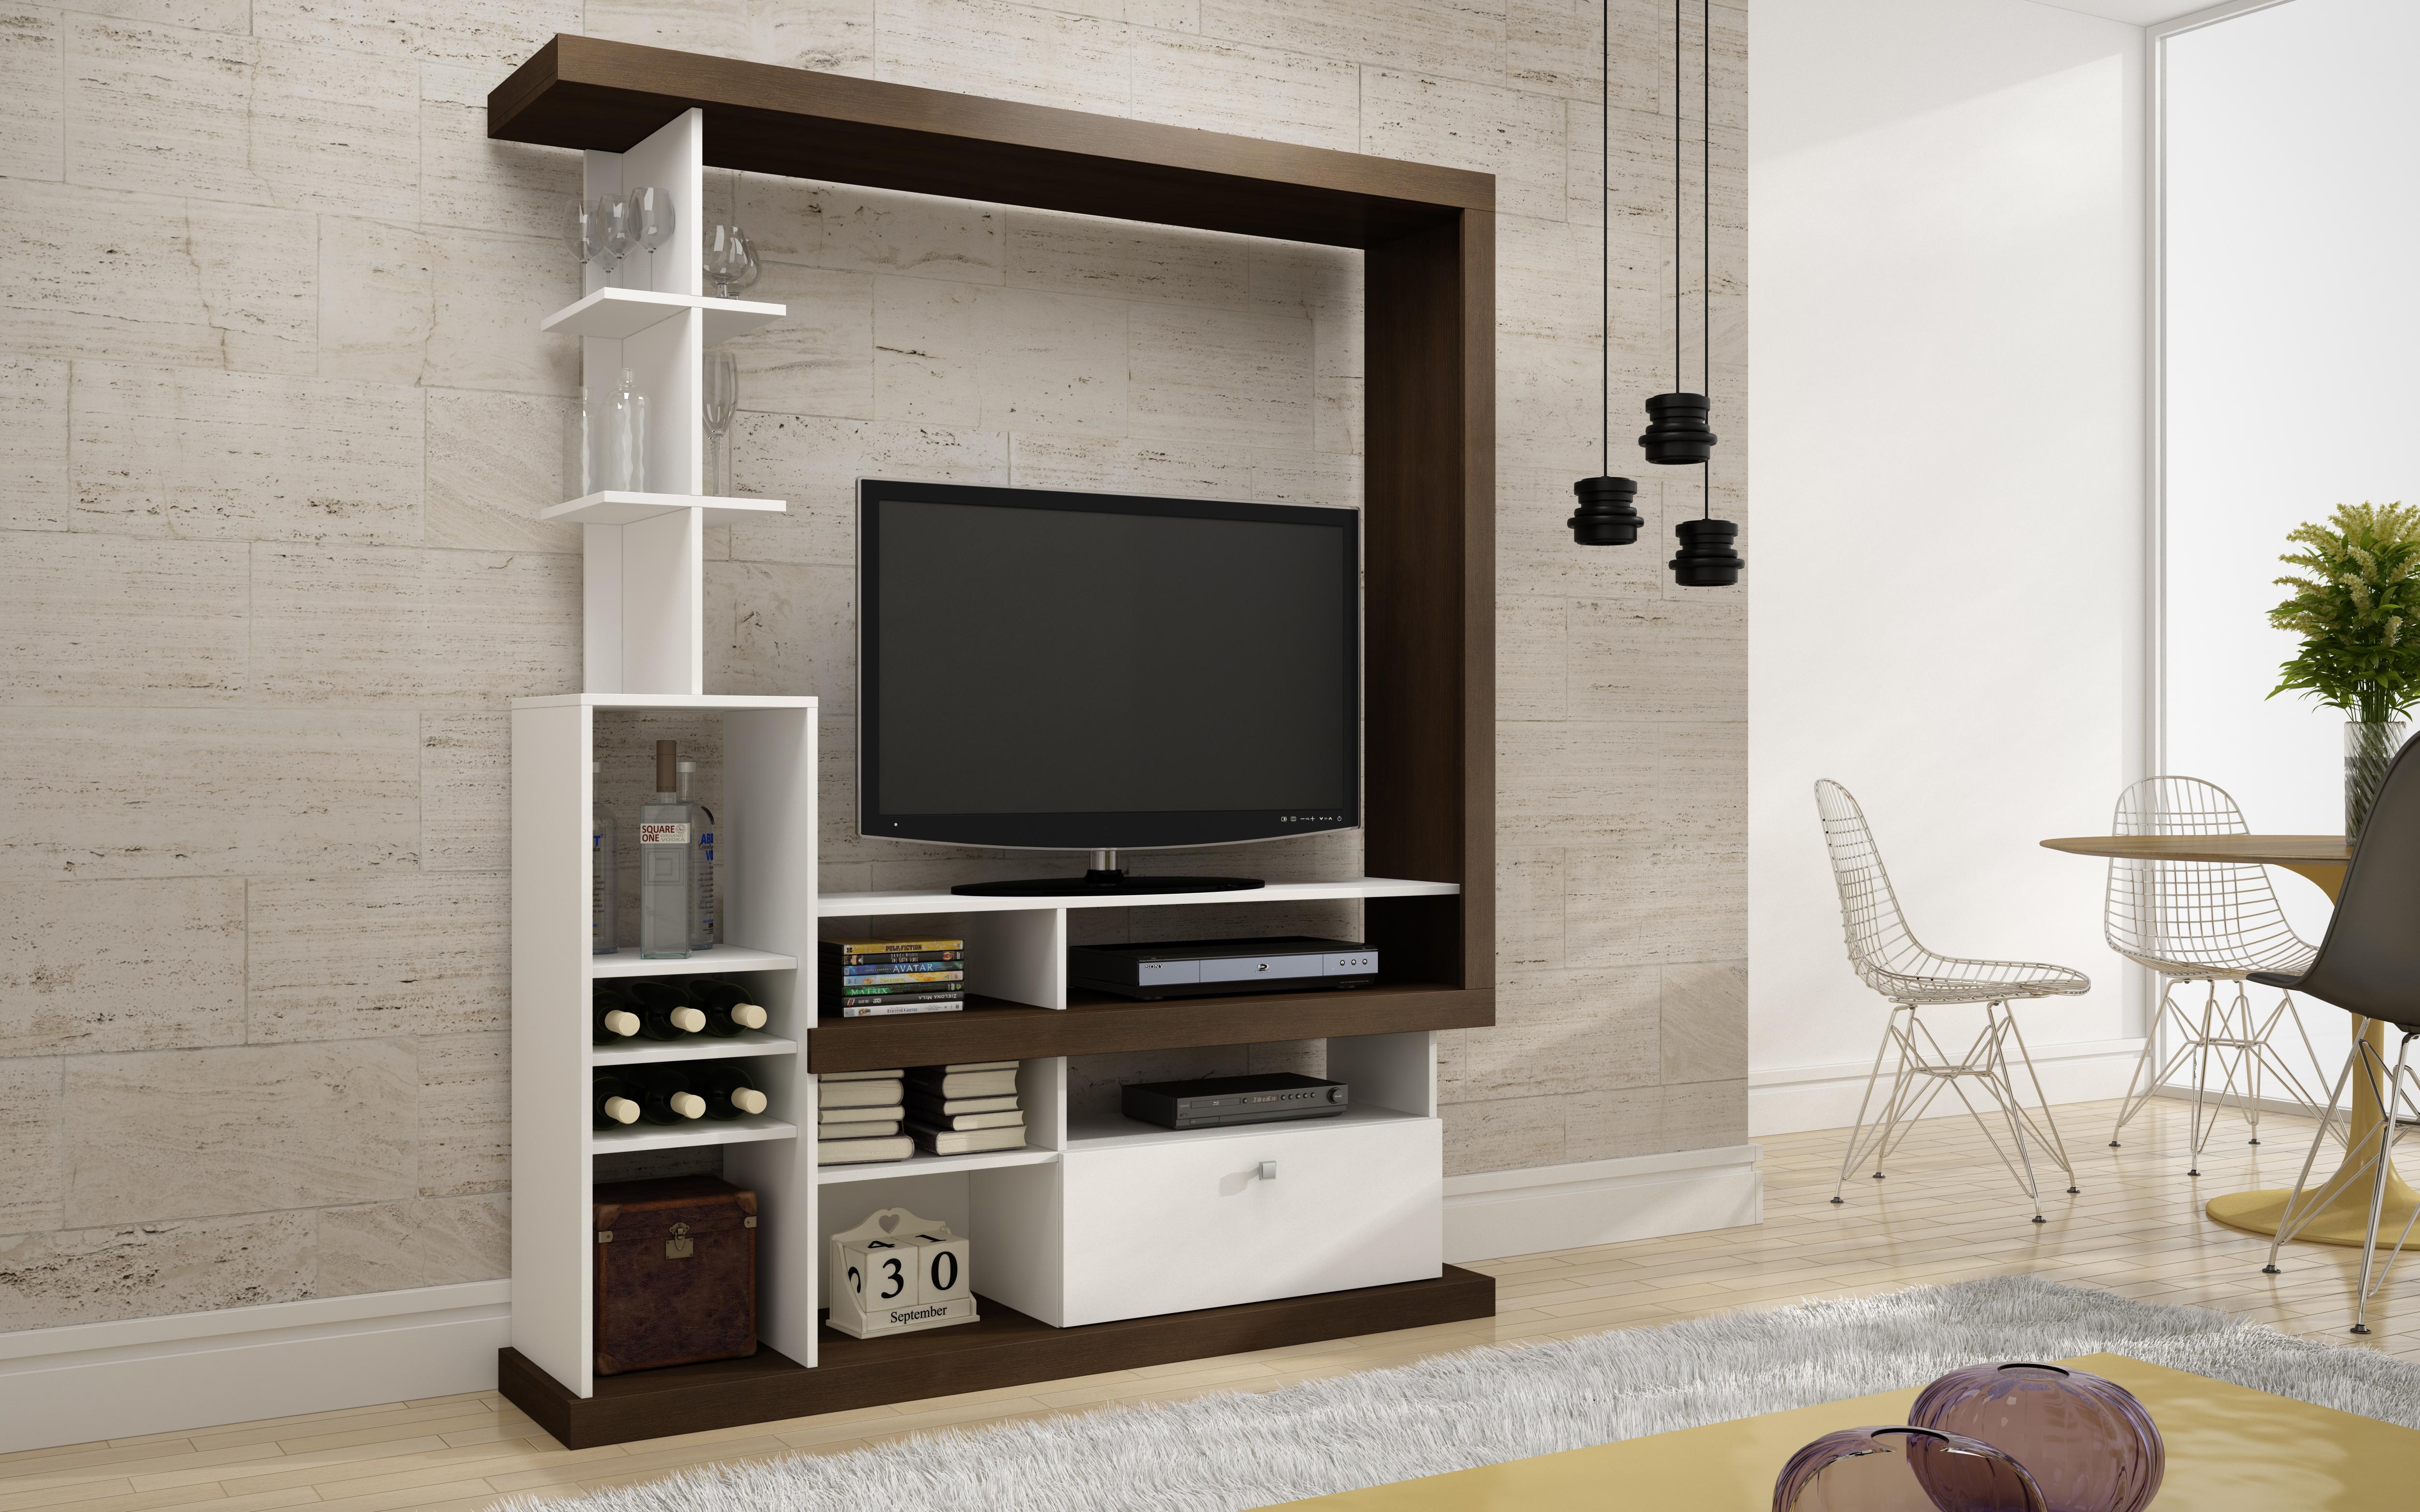 Muebles de entretenimiento de melamine 20170716162508 for Mueble tv dormitorio